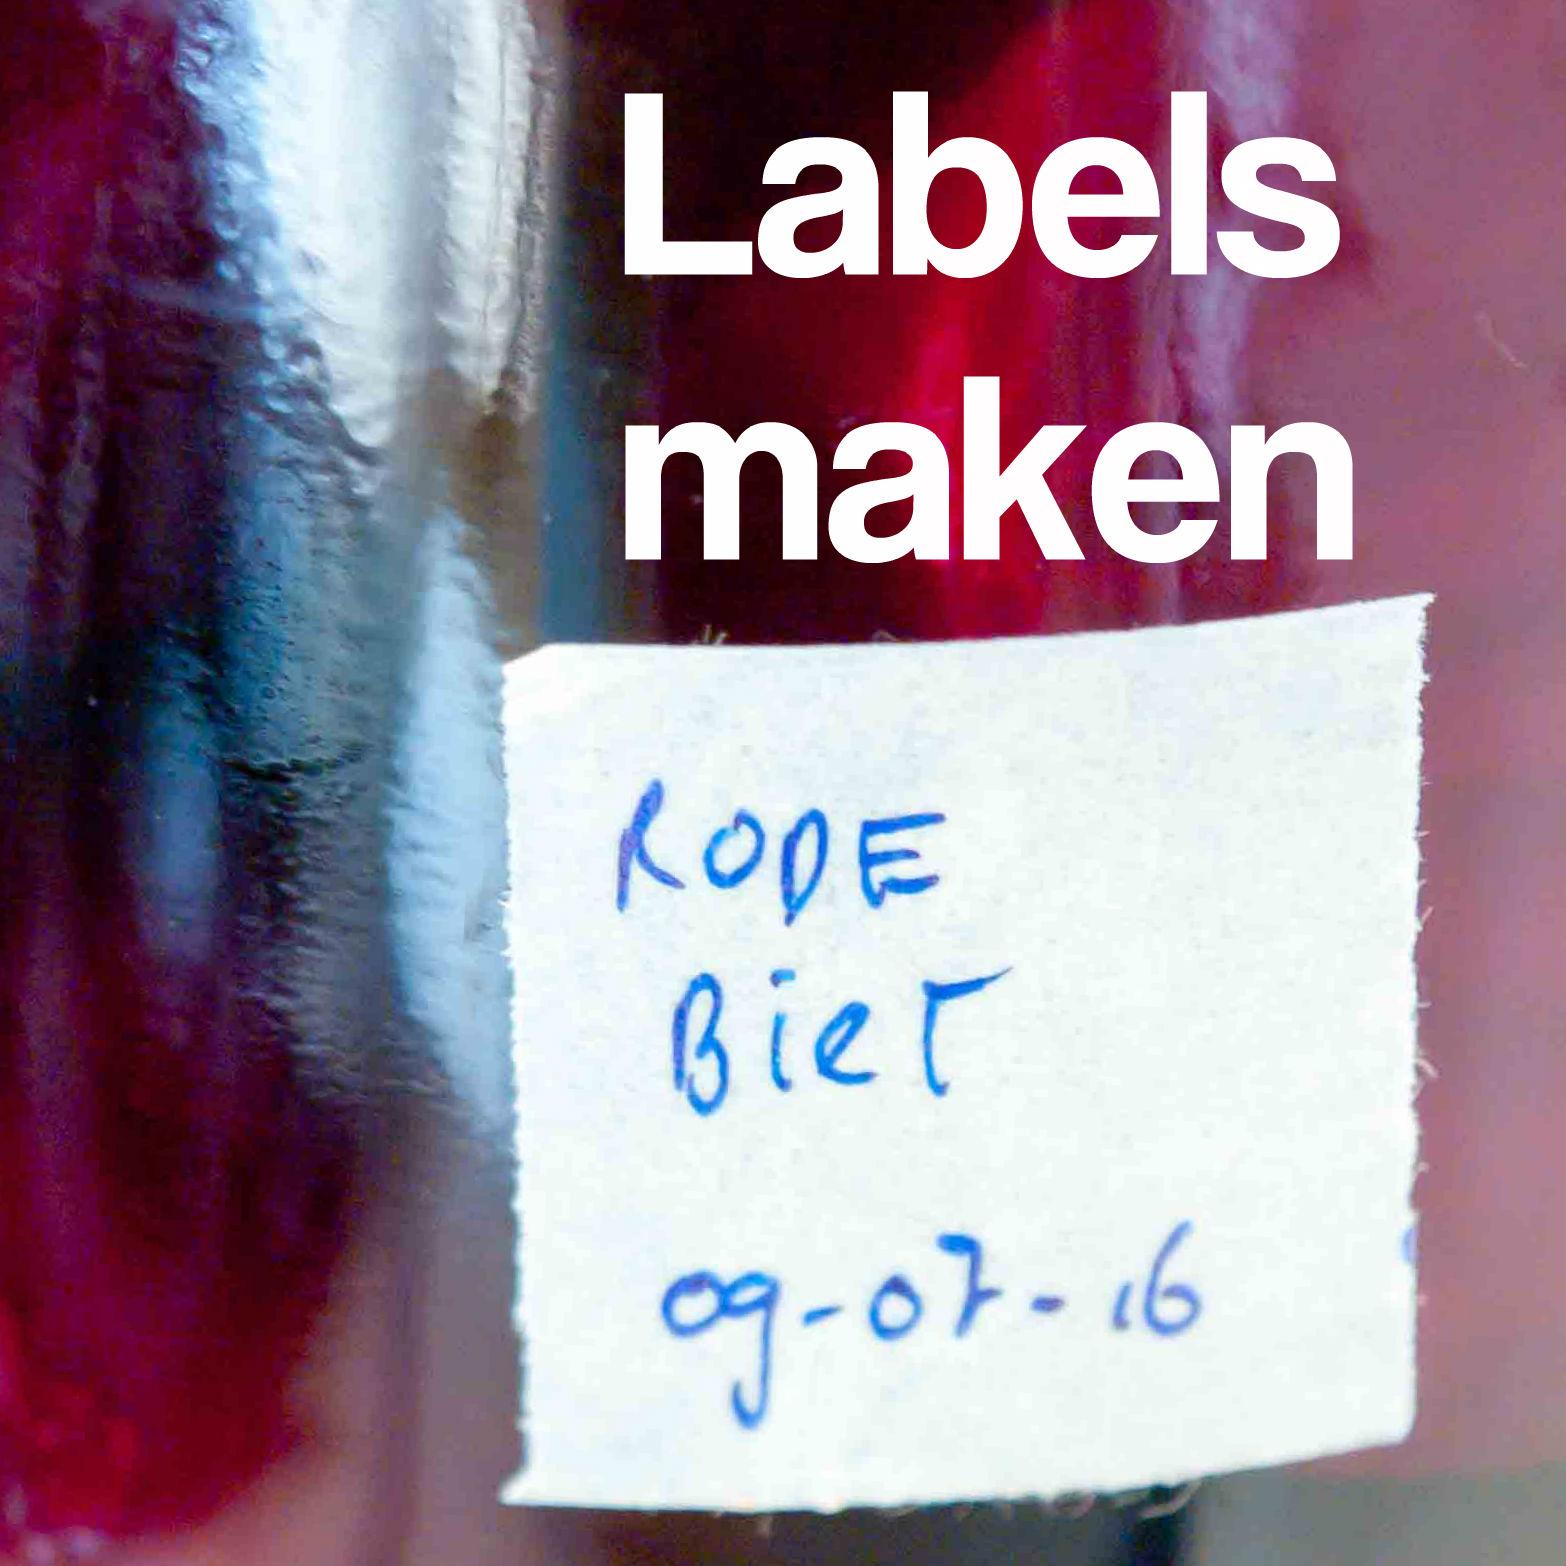 Extreem DIY: Snel Labels maken op potten | De Boon in de Tuin DF38